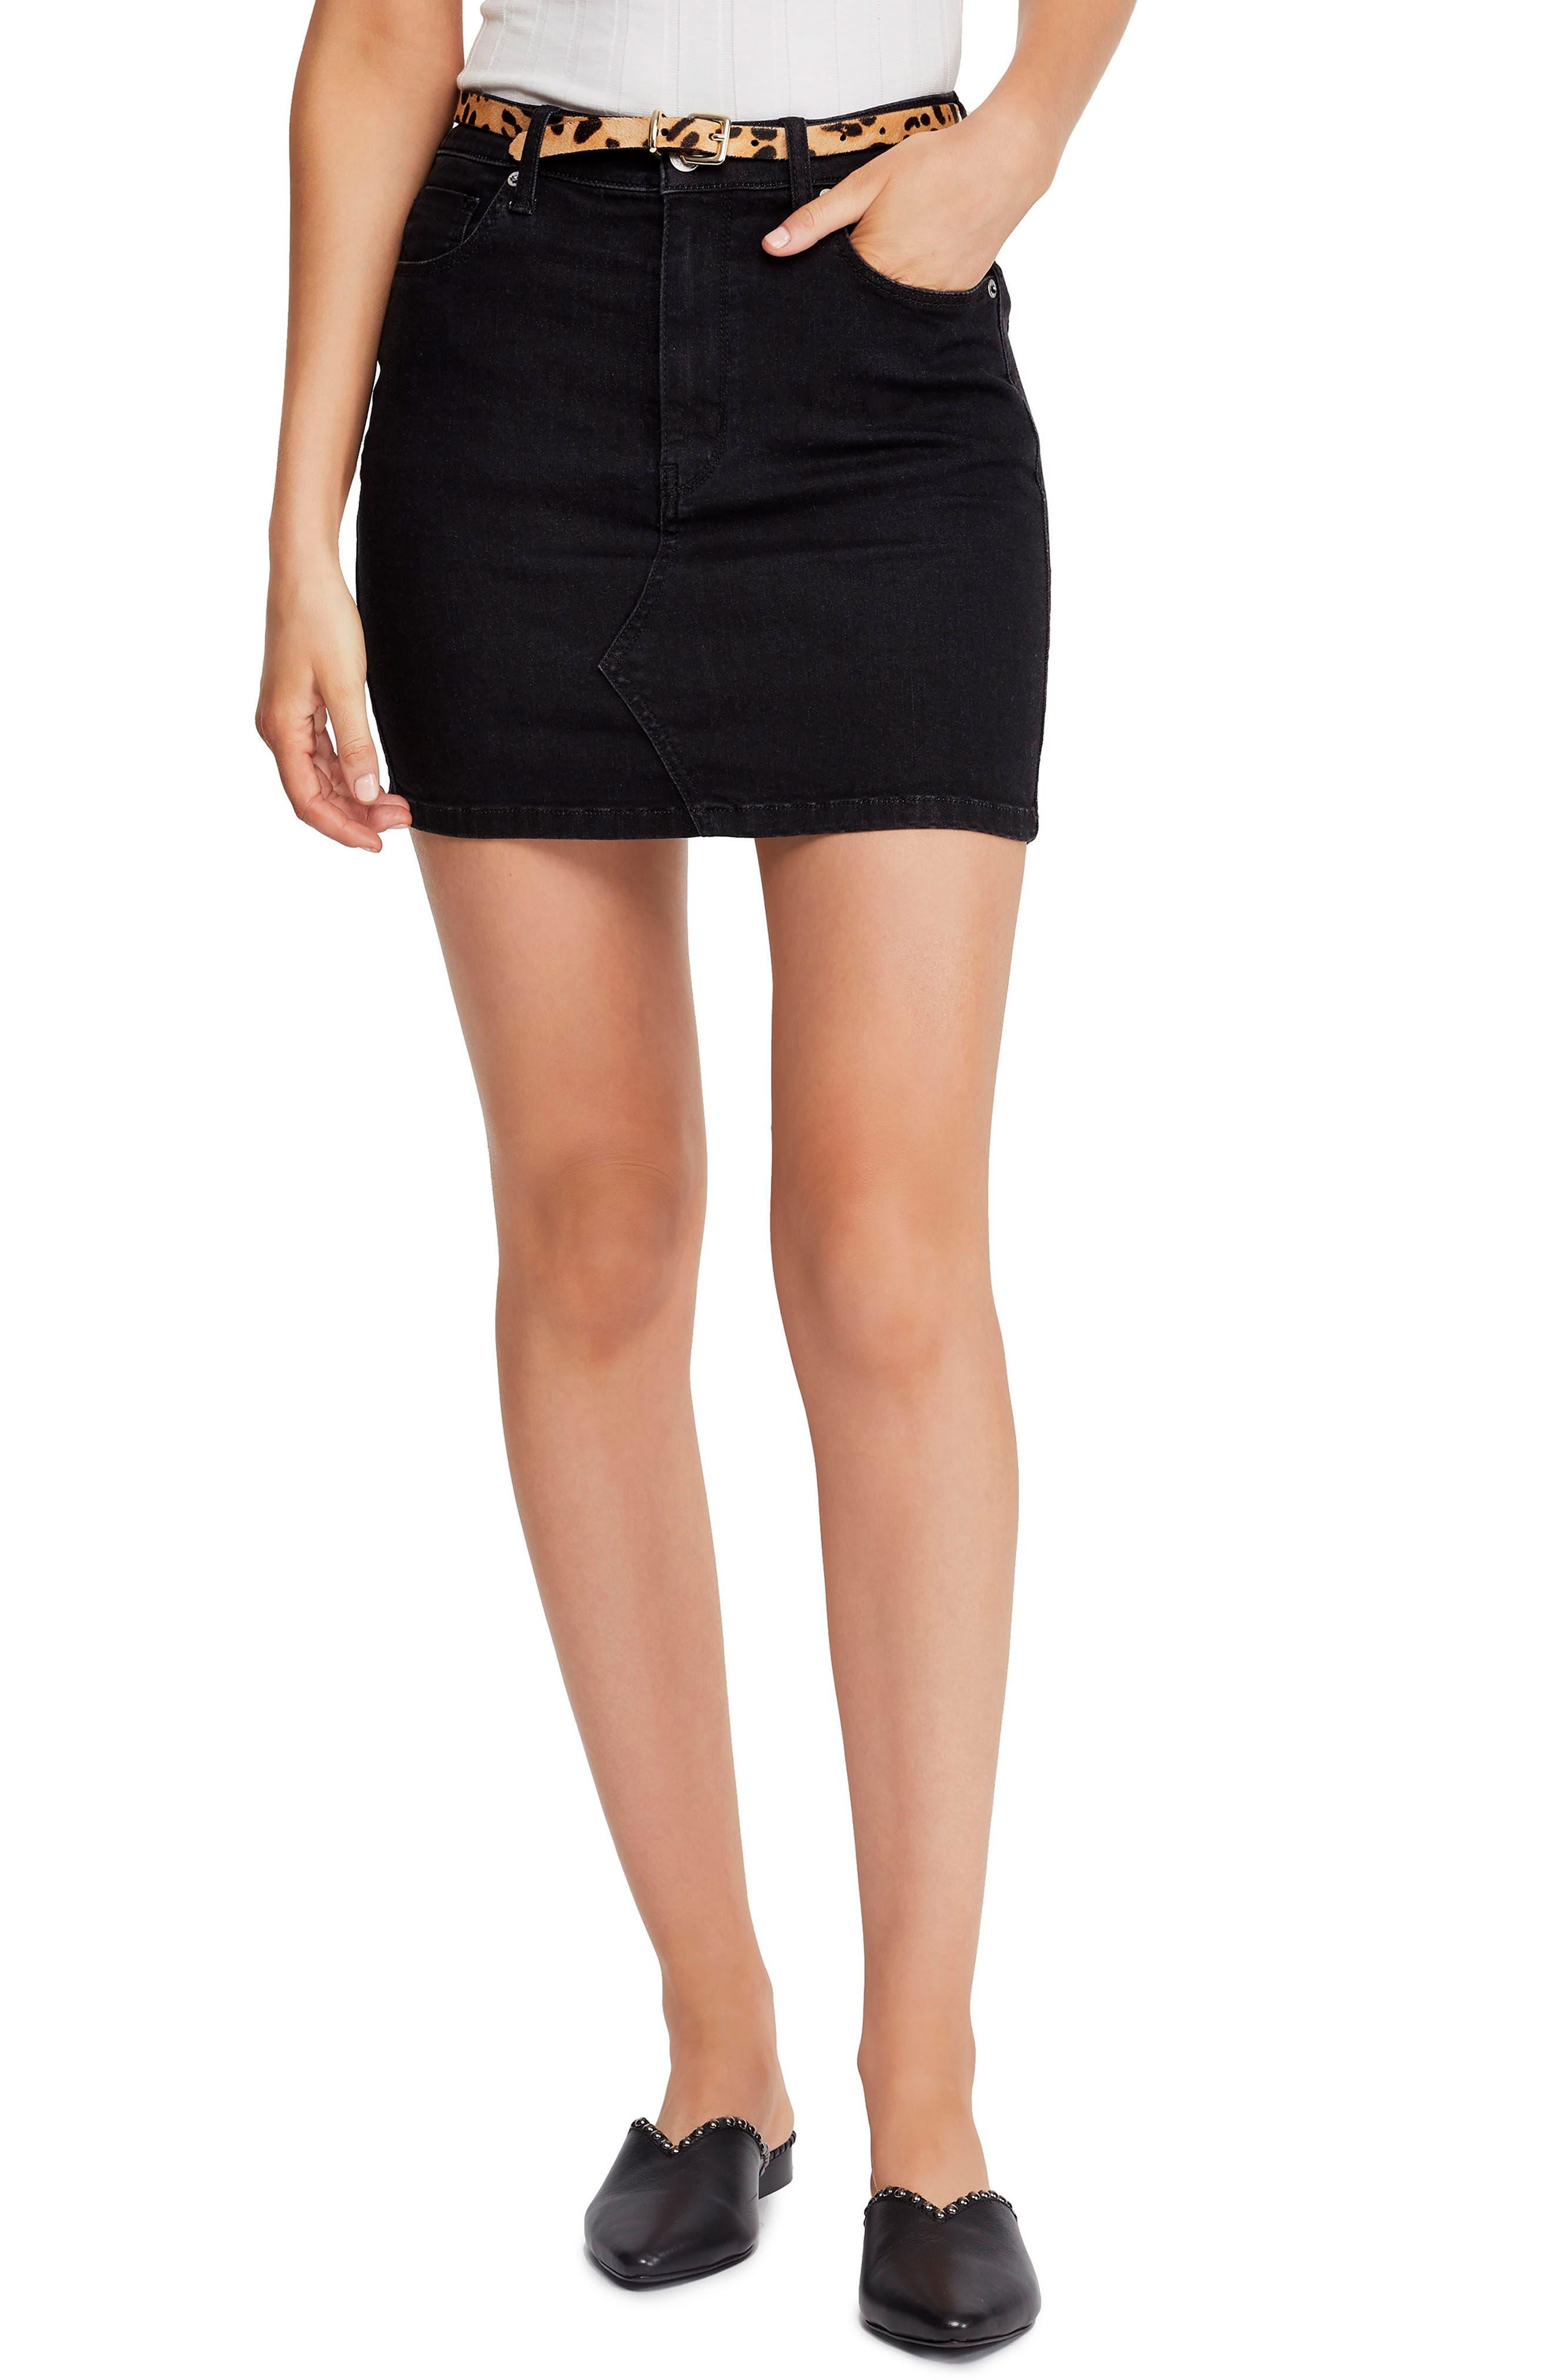 FREE PEOPLE Teagan Denim Miniskirt, Main, color, BLACK